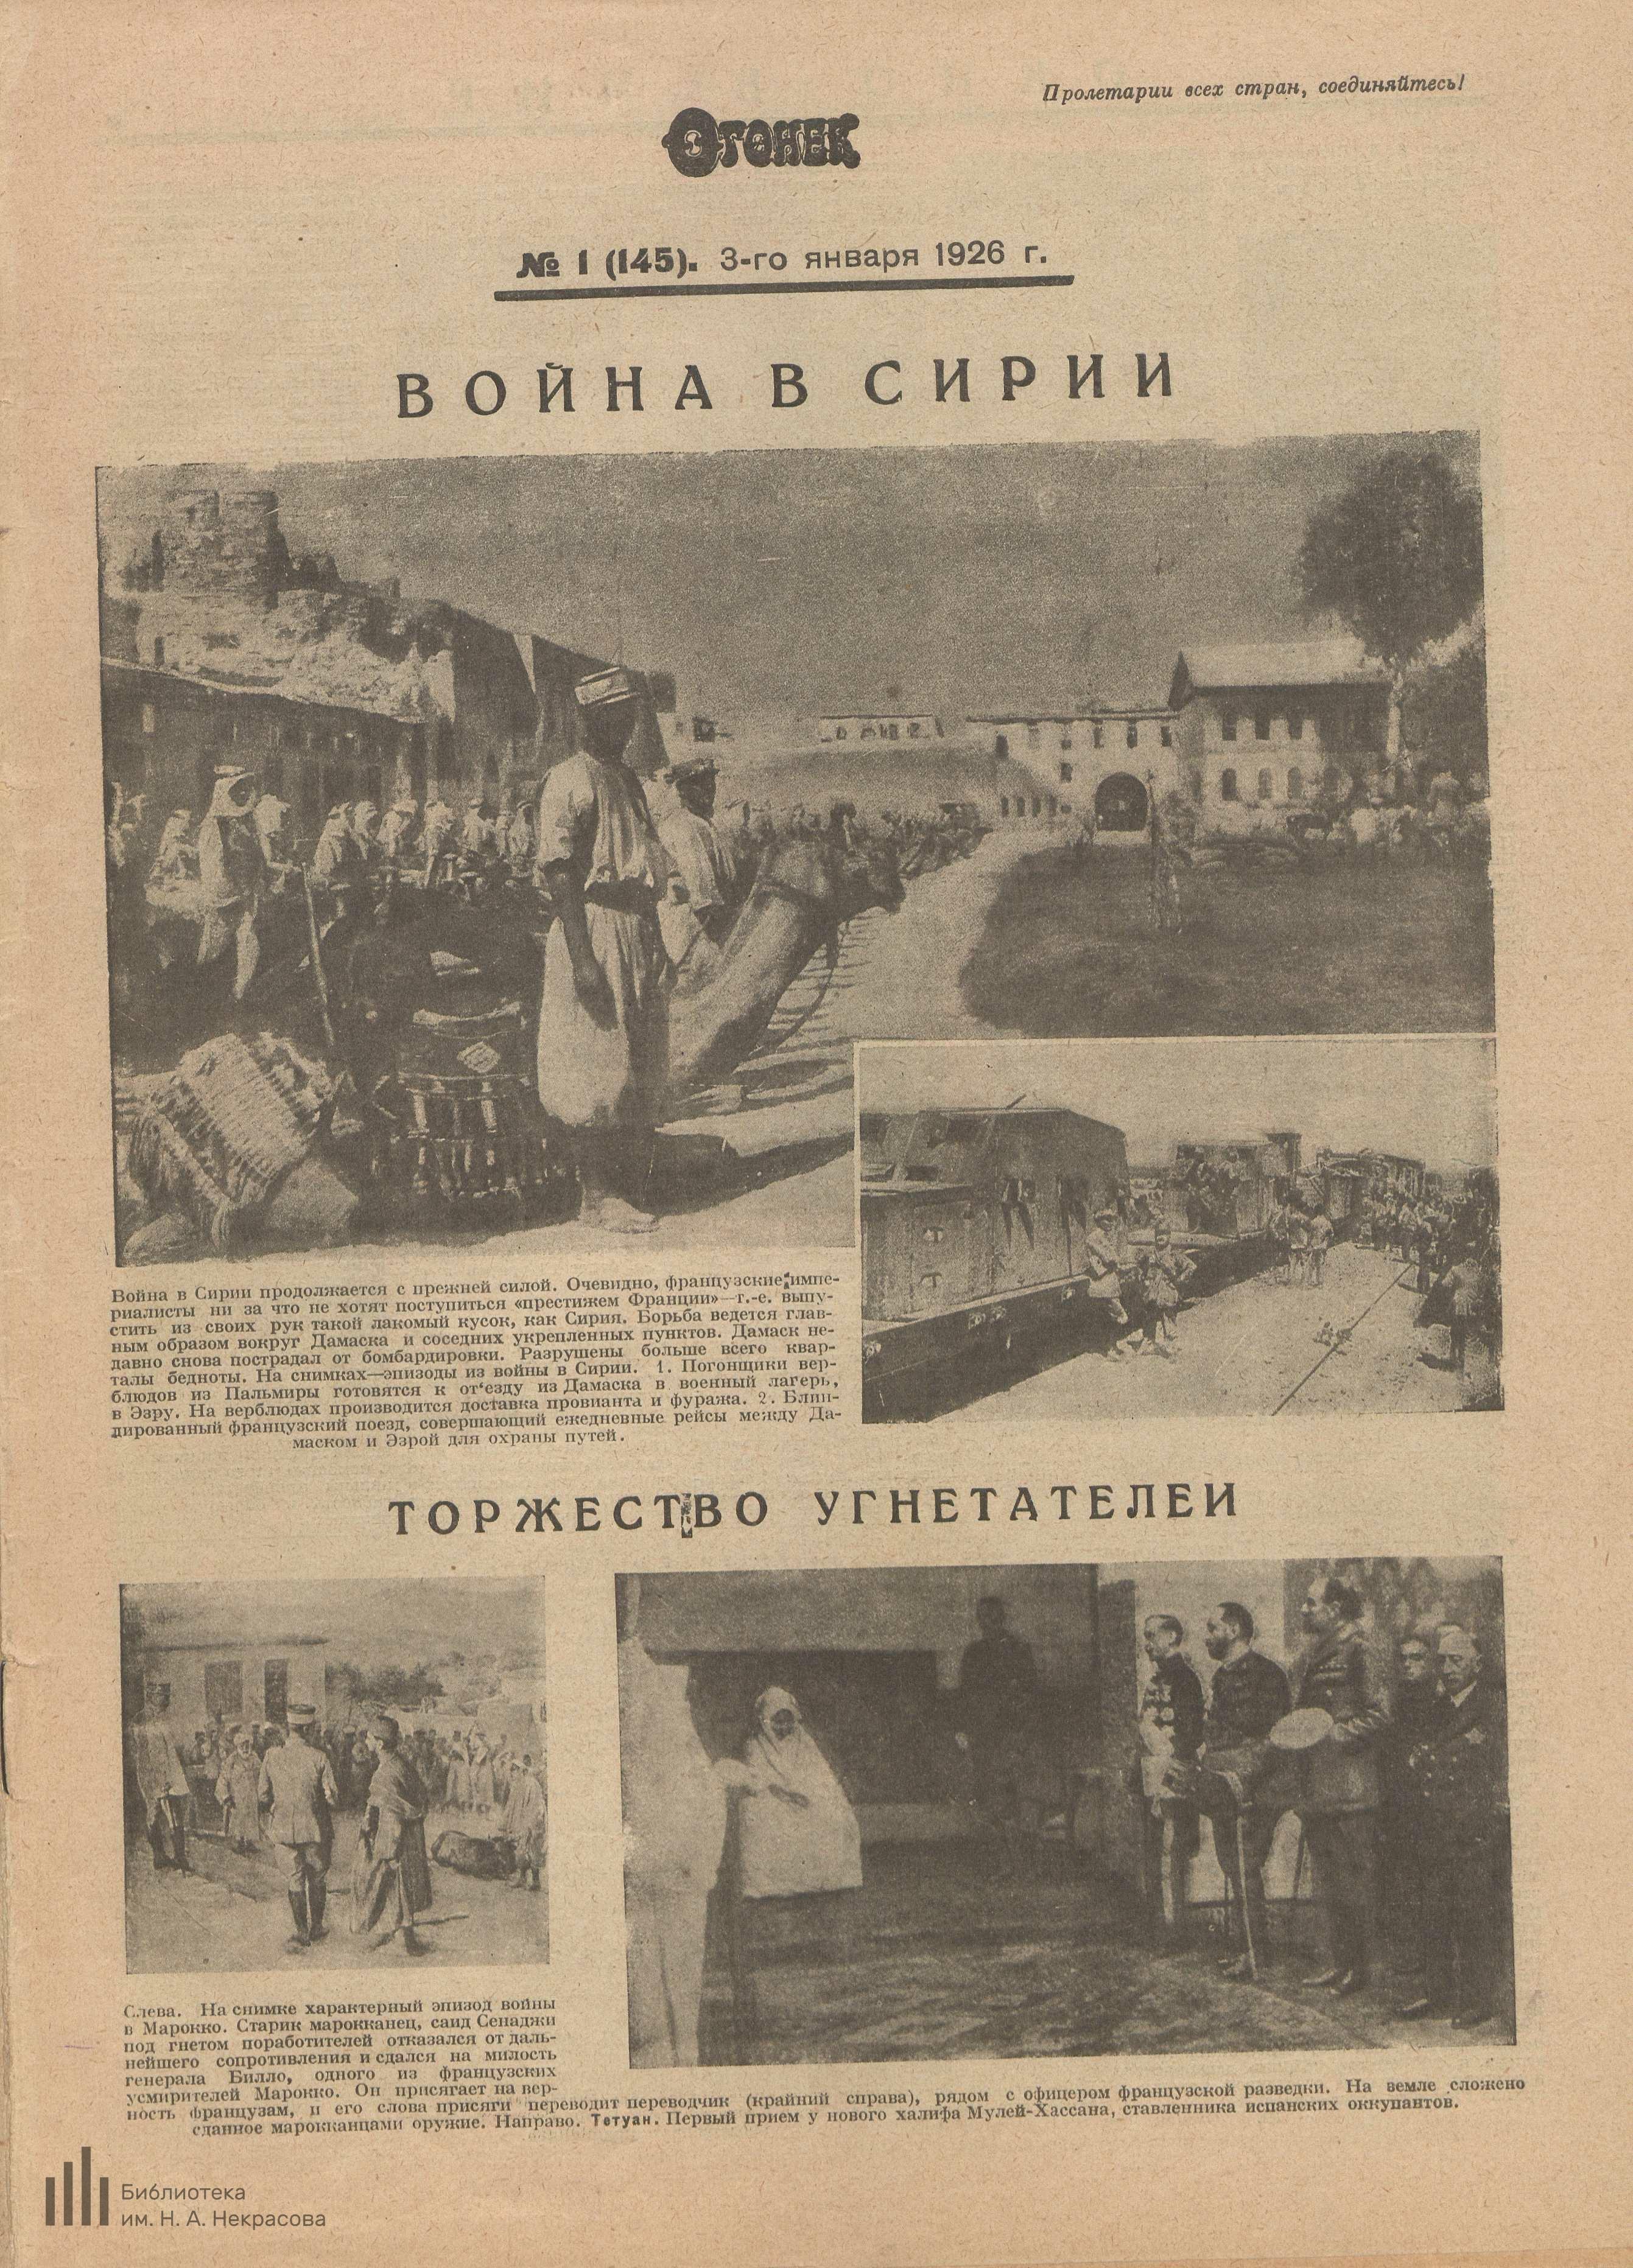 Огонек, 1926 г.